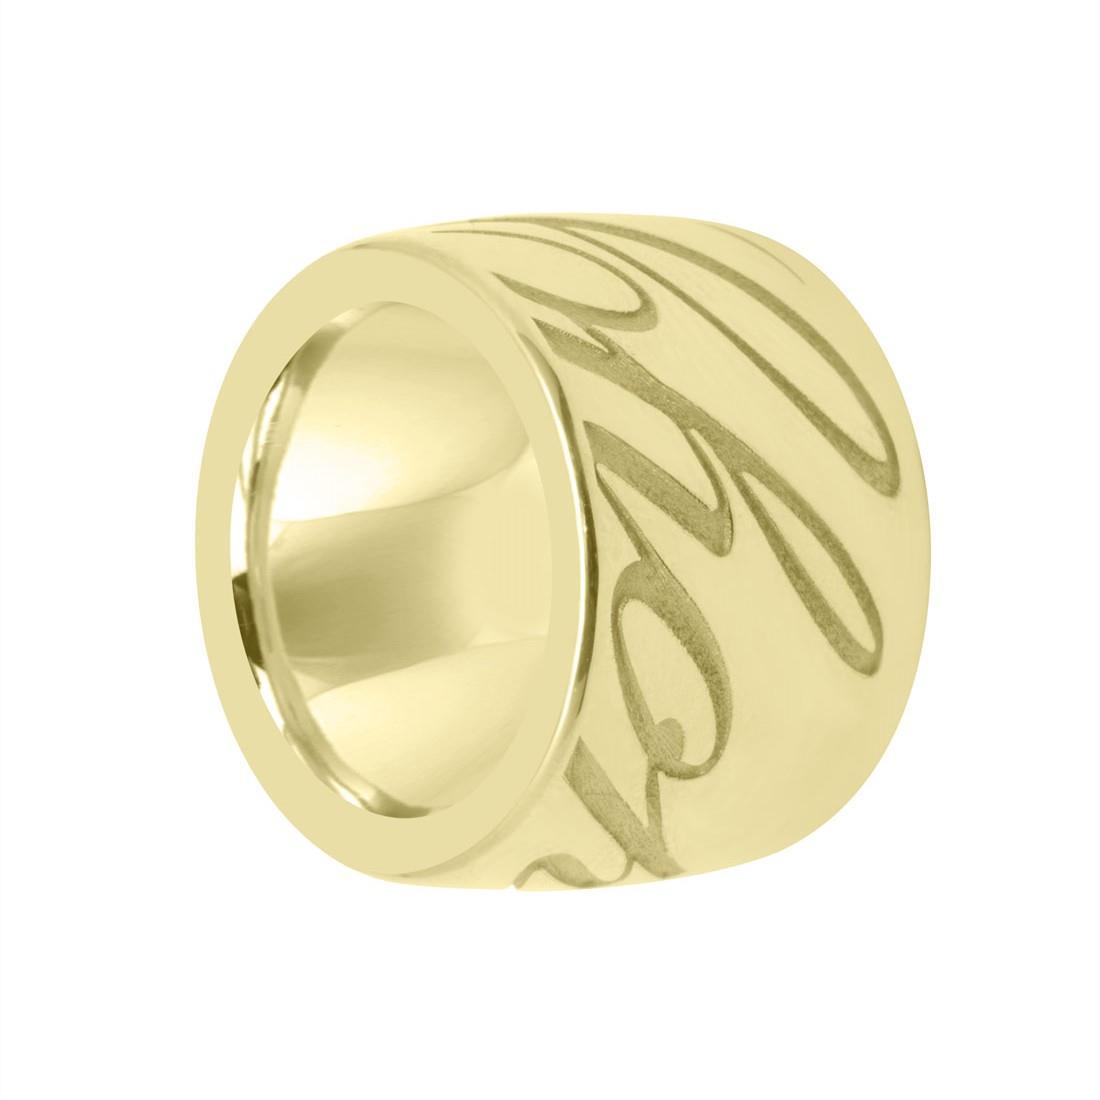 Anello a fascia in oro giallo mis 5 - CHOPARD